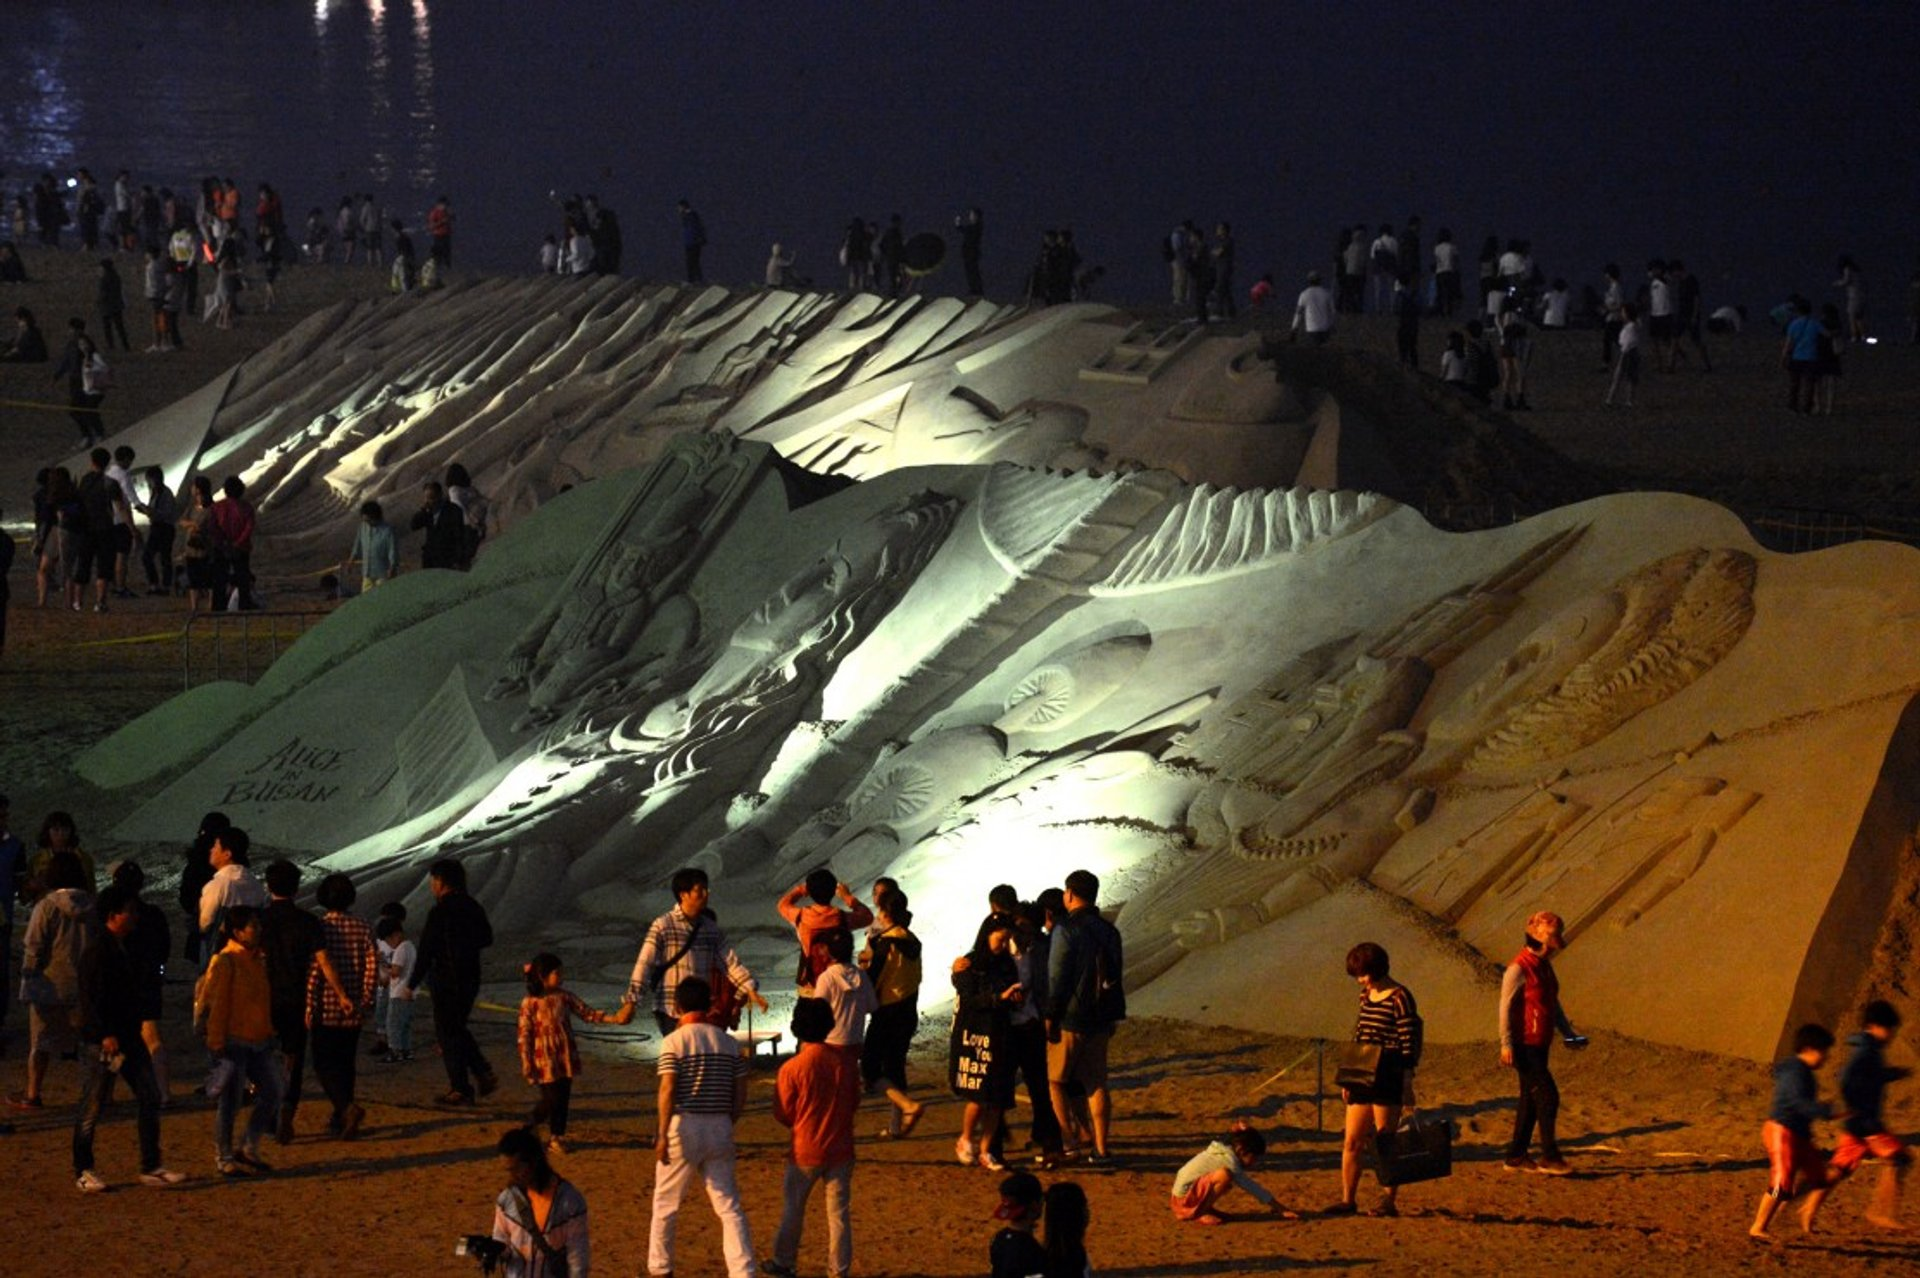 Best time for Haeundae Sand Festival 2019